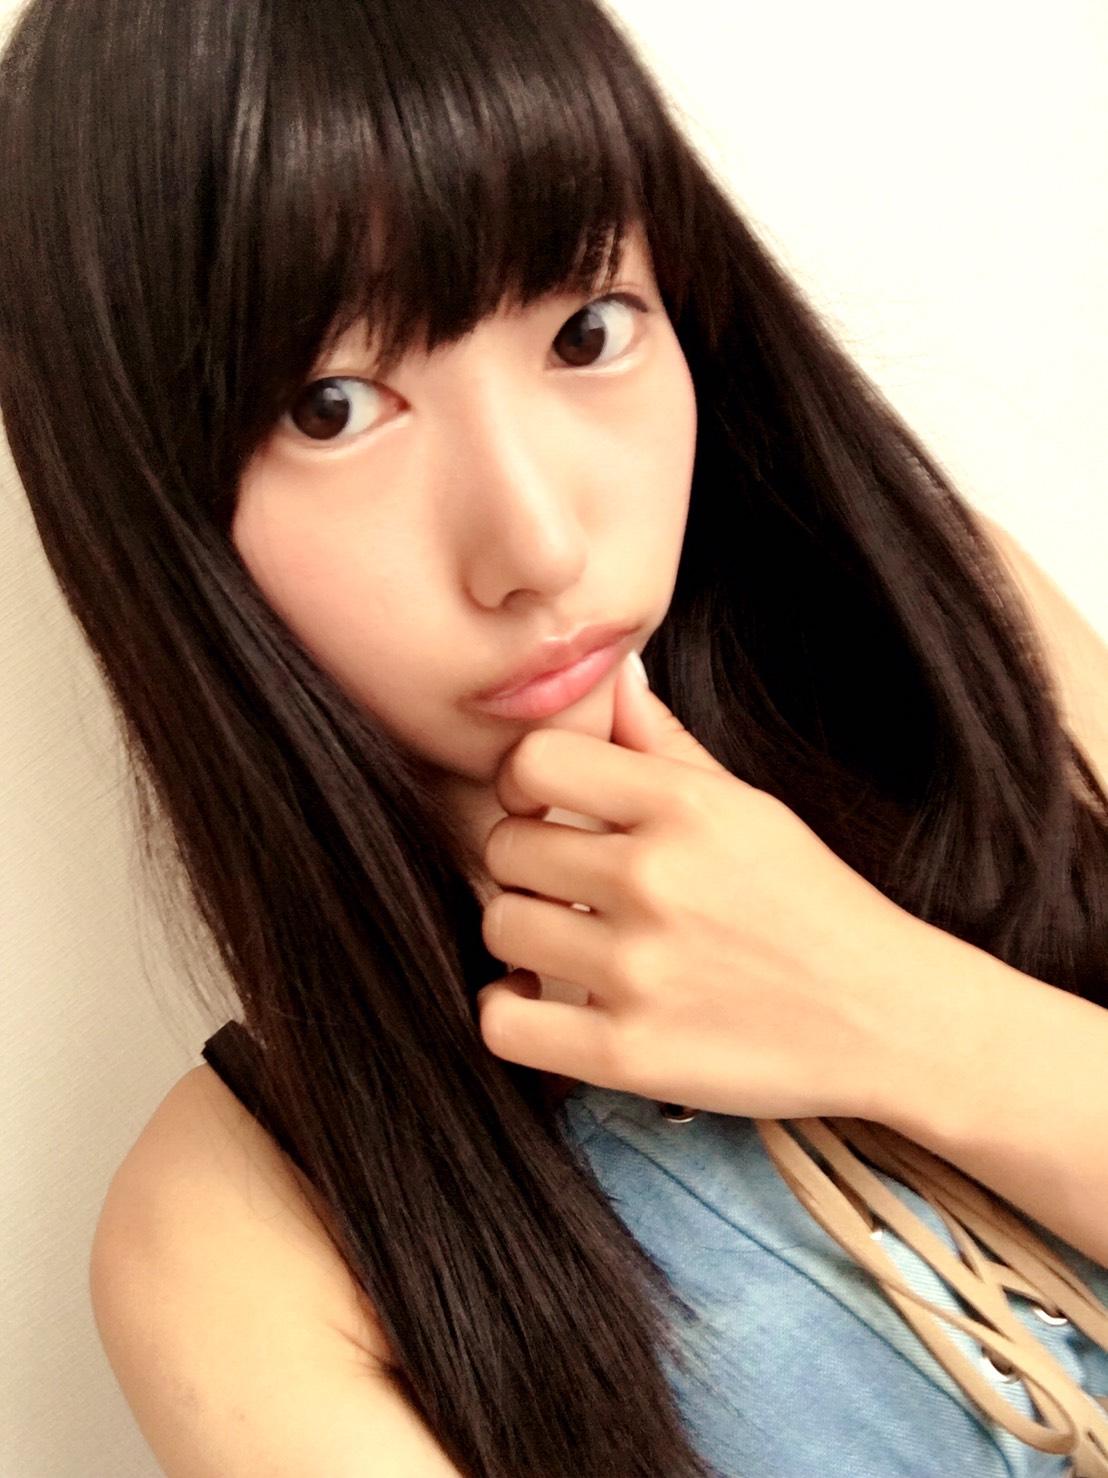 夏野香波   10月19日(木)下北FM冠番組『夏野香波の子供じゃないもん!』#2